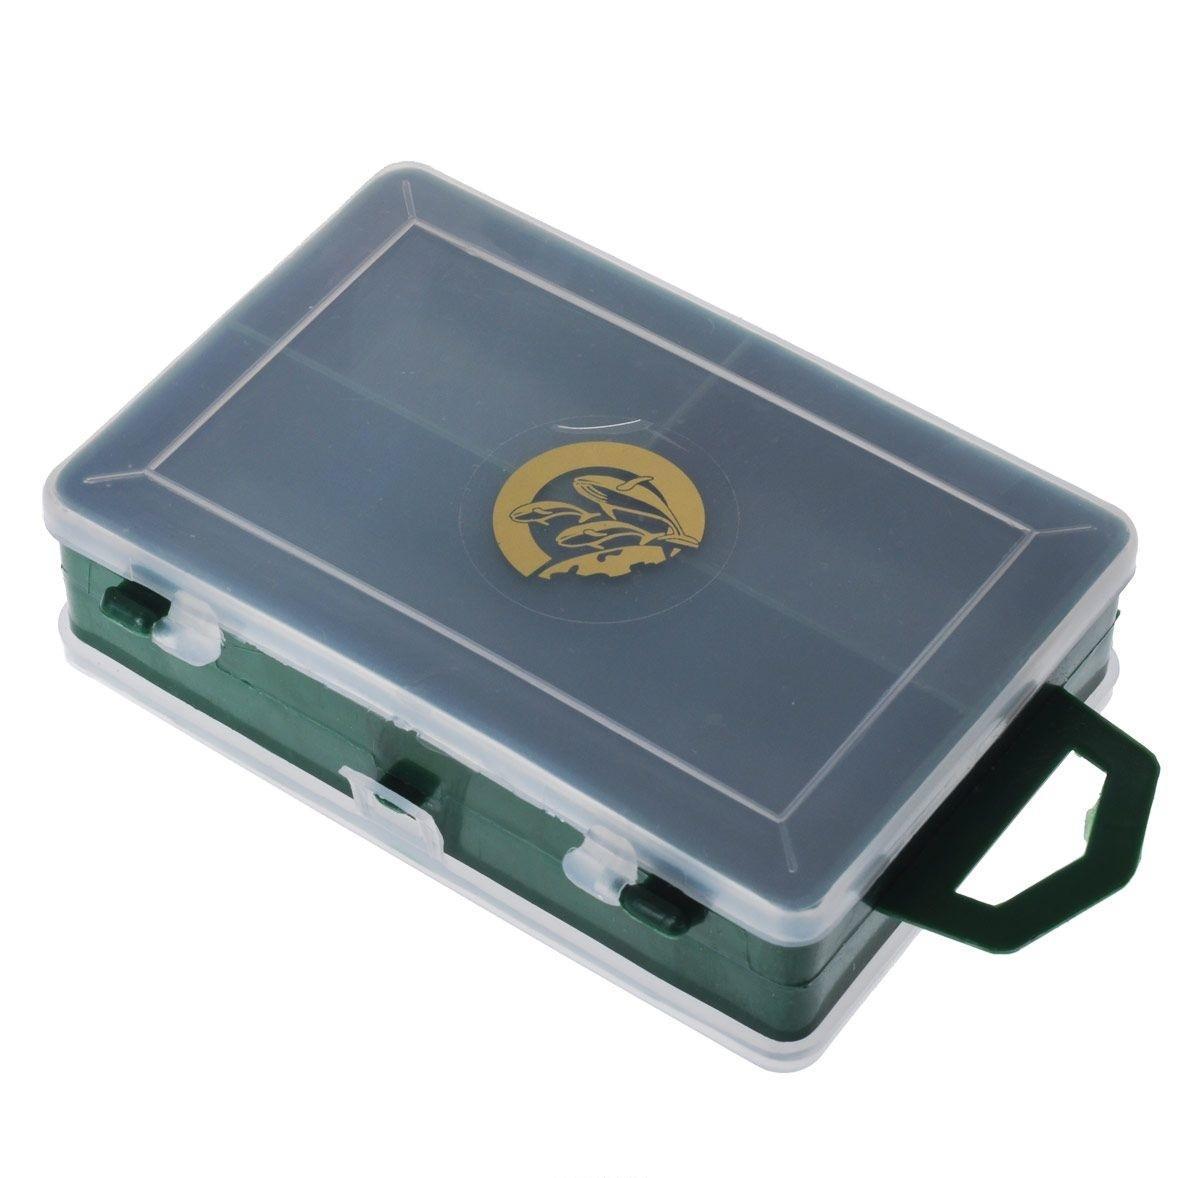 Органайзер для мелочей,, двухсторонний, цвет: зеленый, 11 см х 7,5 см х 3 см679534Удобная пластиковая коробка Три кита прекрасно подойдет для хранения и транспортировки различных мелочей. Коробка имеет 14 фиксированных отделений. Удобный и надежный замок-защелка обеспечивает надежное закрывание коробки. Такая коробка поможет держать вещи в порядке.